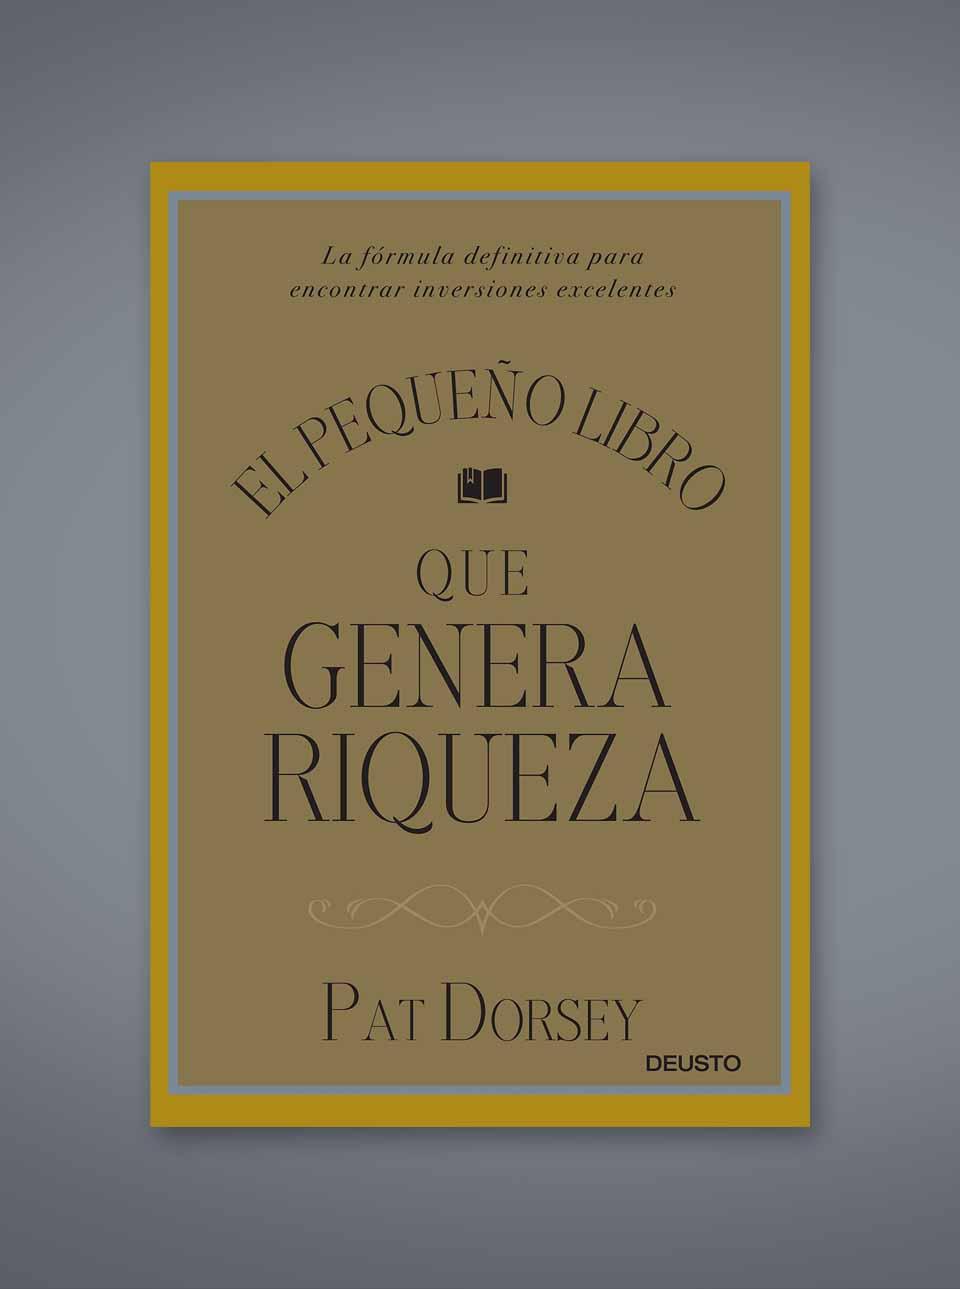 El pequeño libro que genera riqueza: la fórmula definitiva para encontrar inversiones excelentes de Pat Dorsey